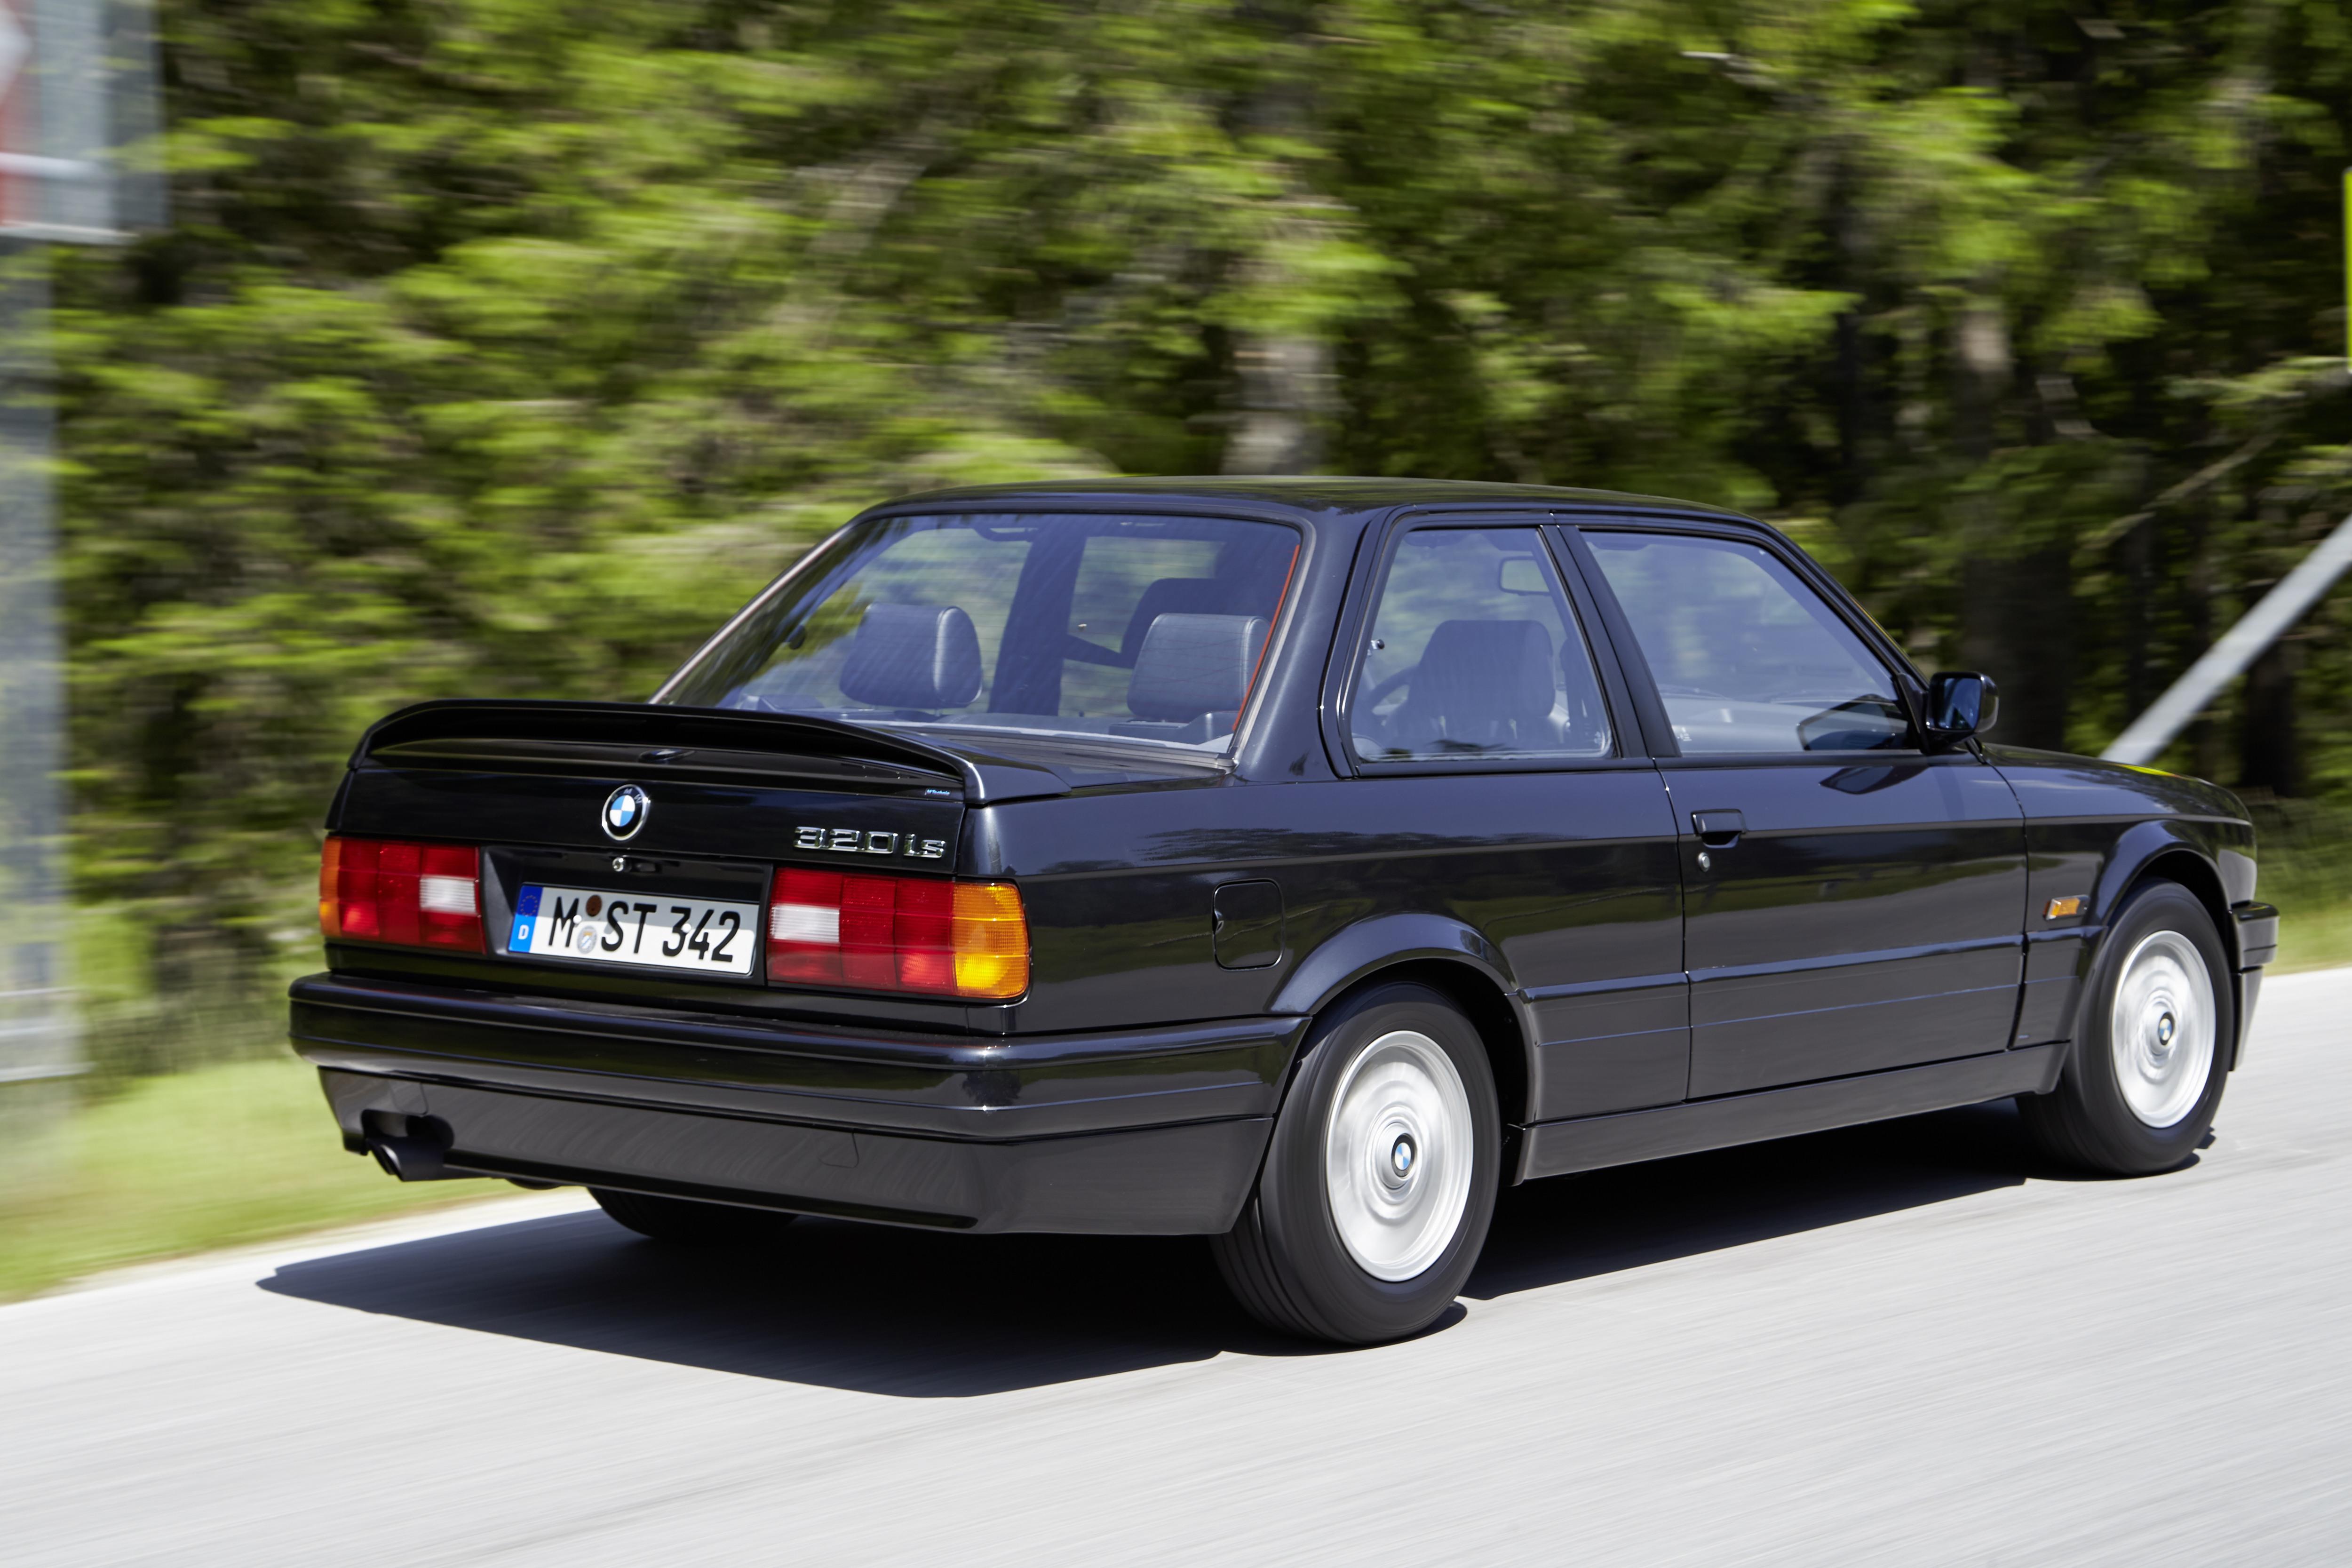 BMW Série 3 fotos em alta